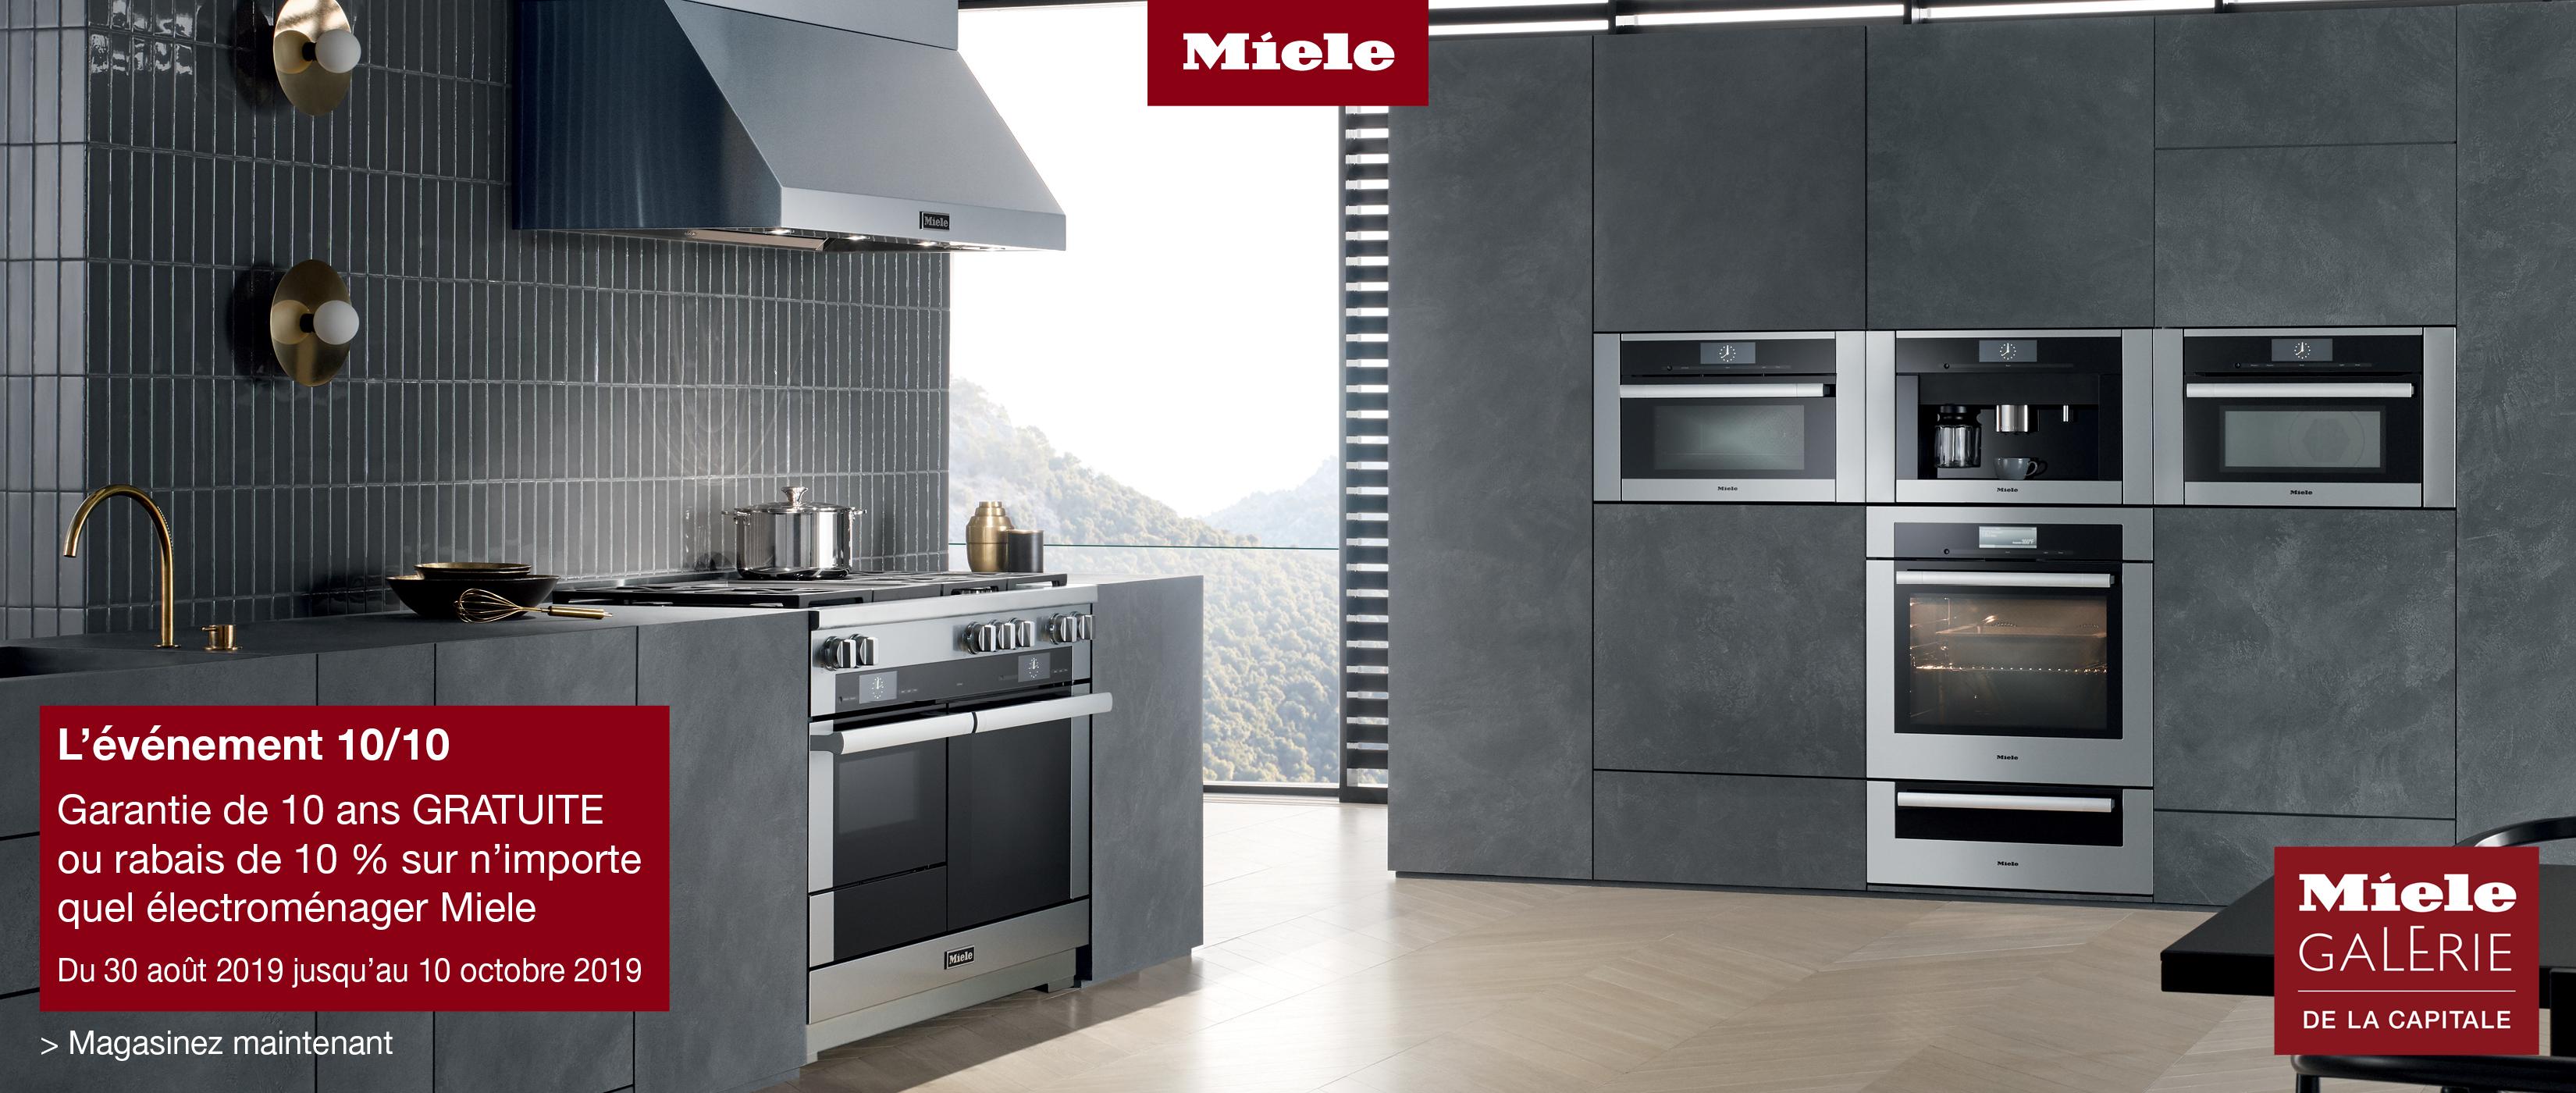 Cuisine Melange Ancien Et Moderne avant - aprÈs - top 10 cuisines | magazine | la pièce